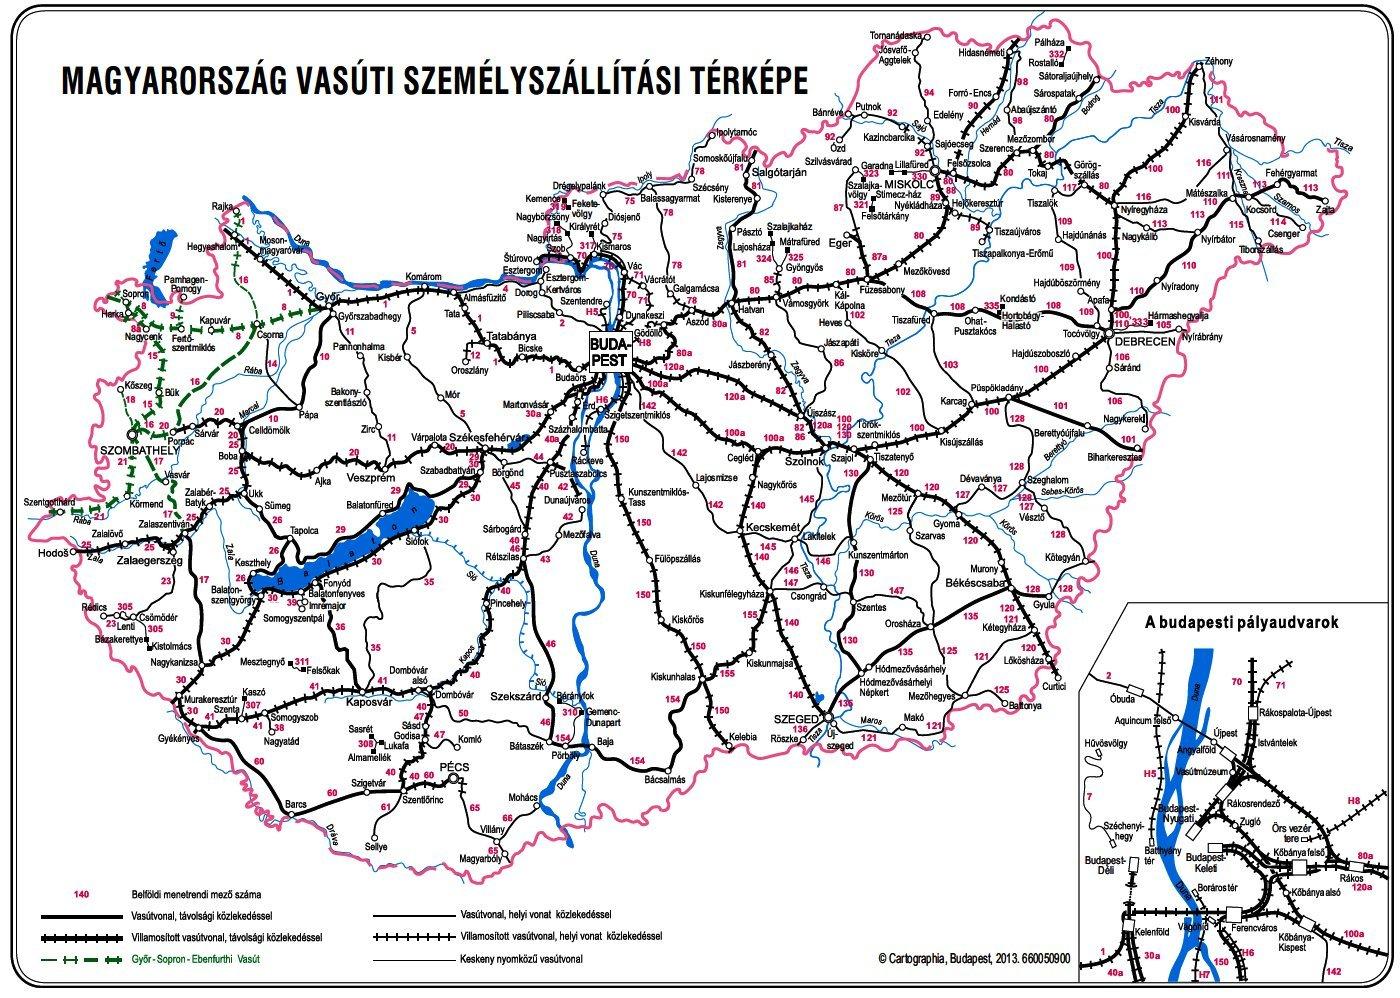 magyarország térkép szeghalom Magyarország Vasúti Térképe magyarország térkép szeghalom